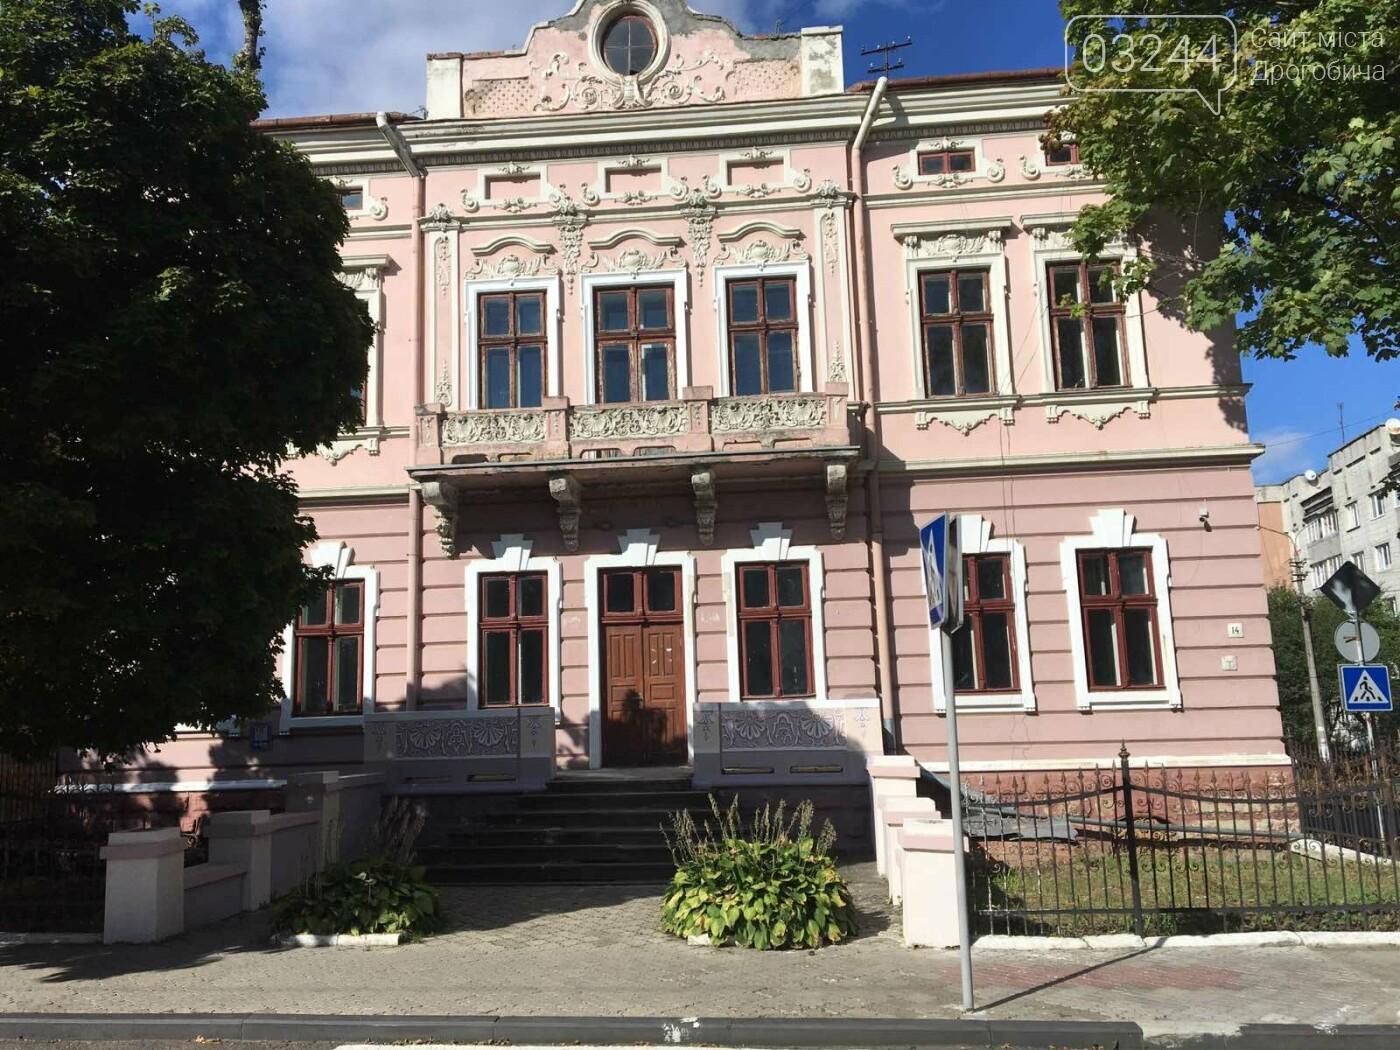 У День міста в Дрогобичі відкриють Культурно-освітній центр імені Івана Франка, фото-1